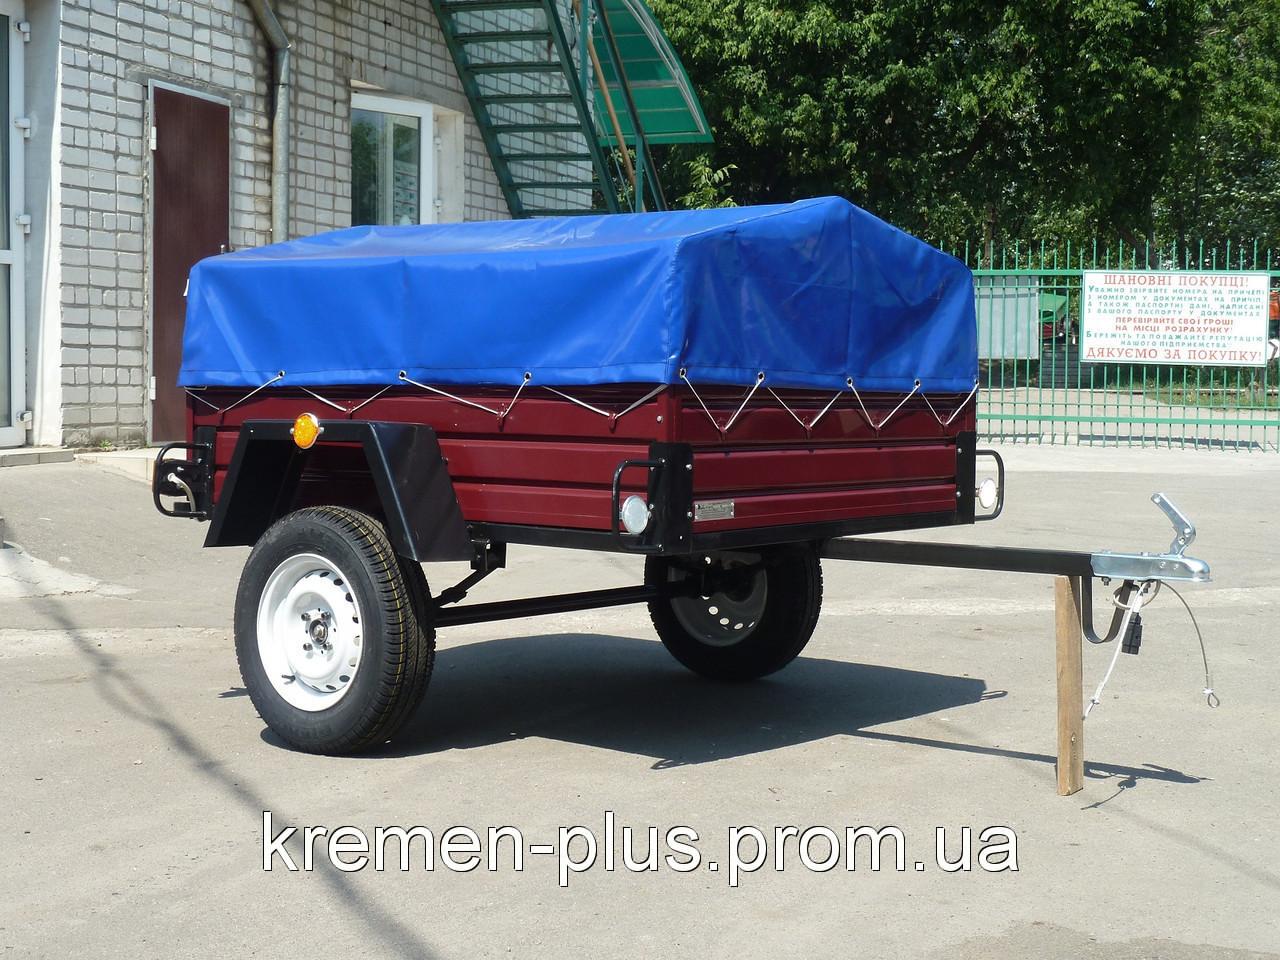 Продам одноосный легковой прицеп в Николаеве для автомобиля